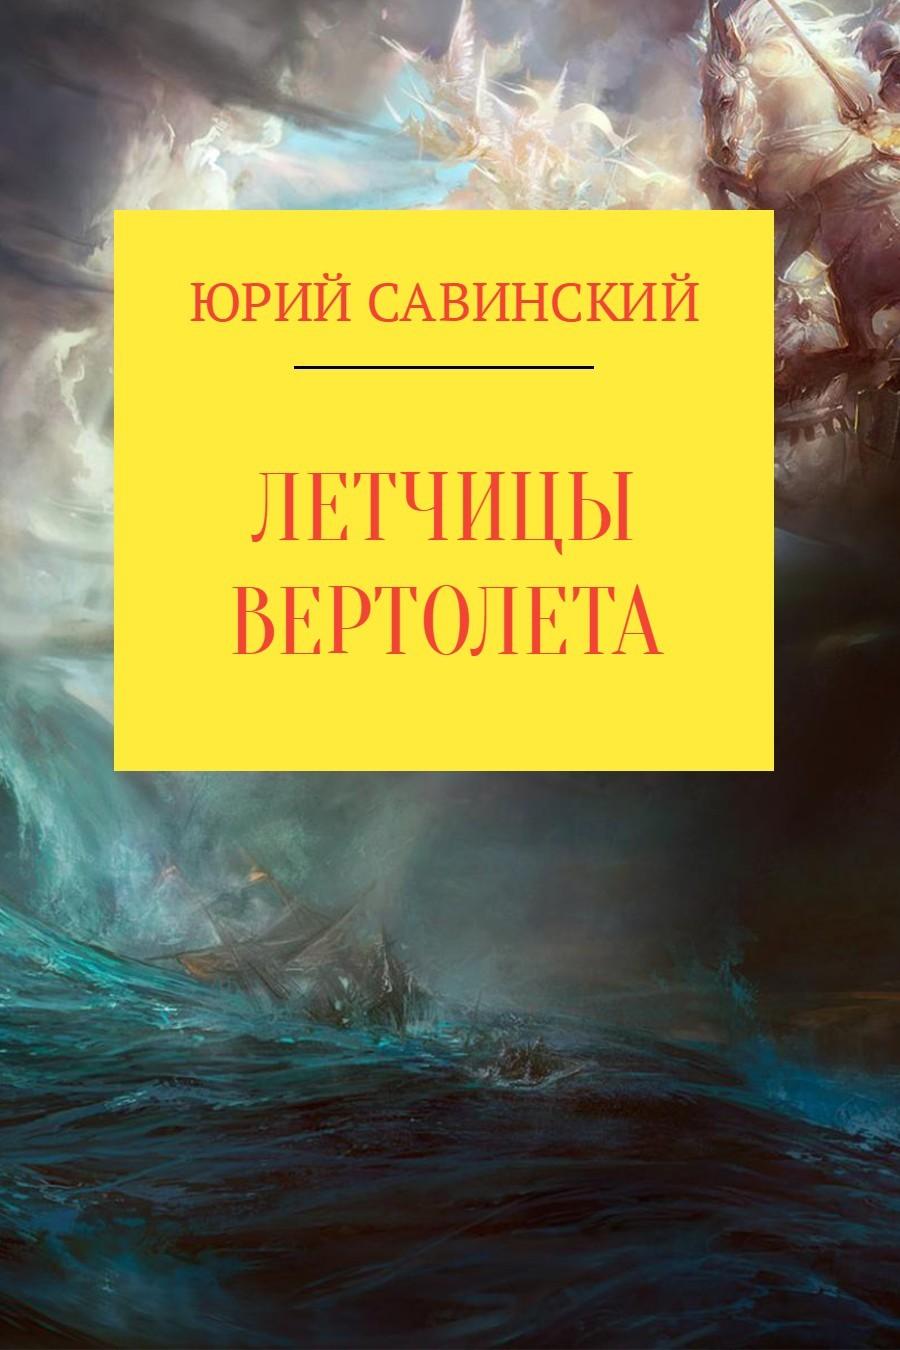 Юрий Эзекейлевич Савинский Летчицы Вертолета цена и фото